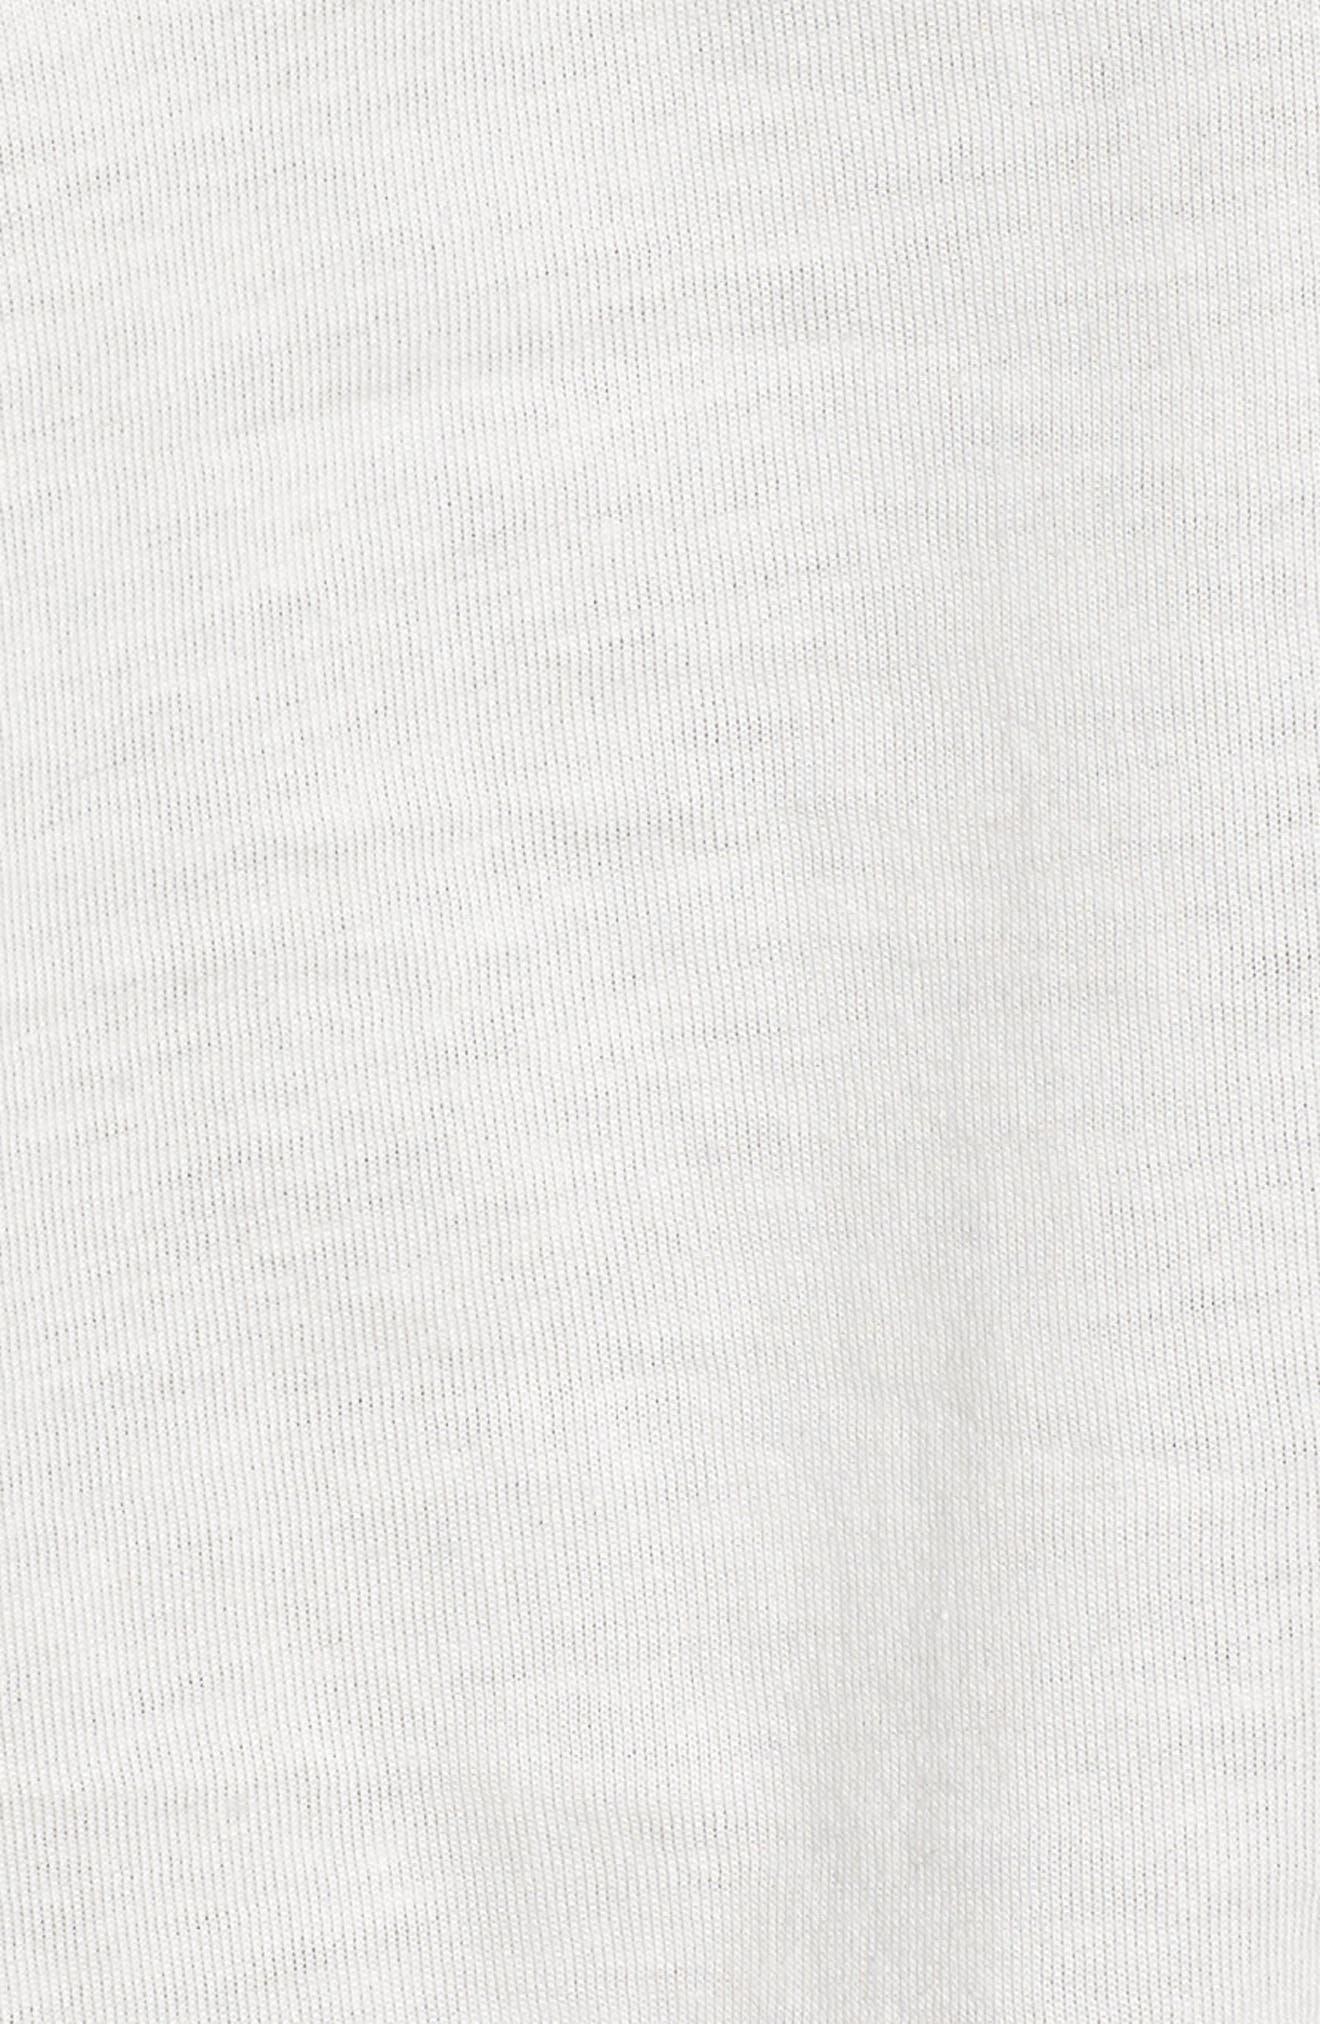 Smiley Ringer Tee,                             Alternate thumbnail 6, color,                             Vintage White